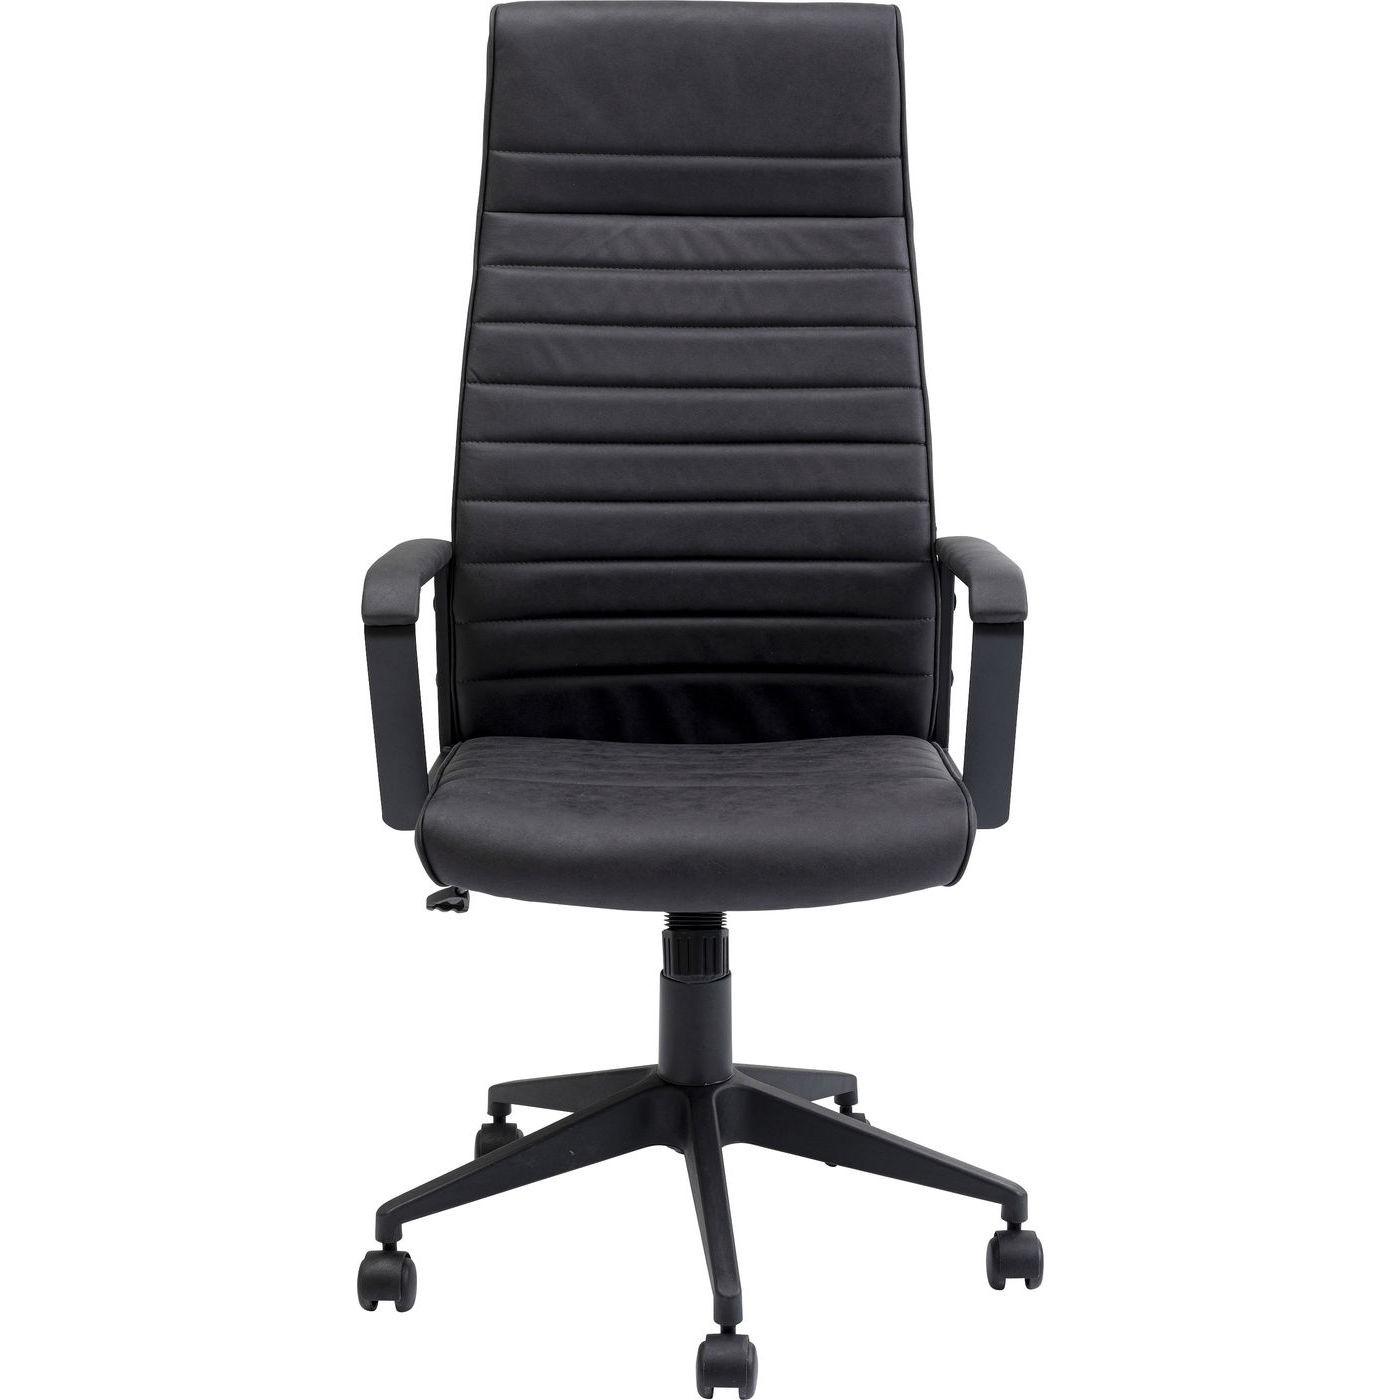 Chaise de bureau pivotante réglable à roulettes noire haute